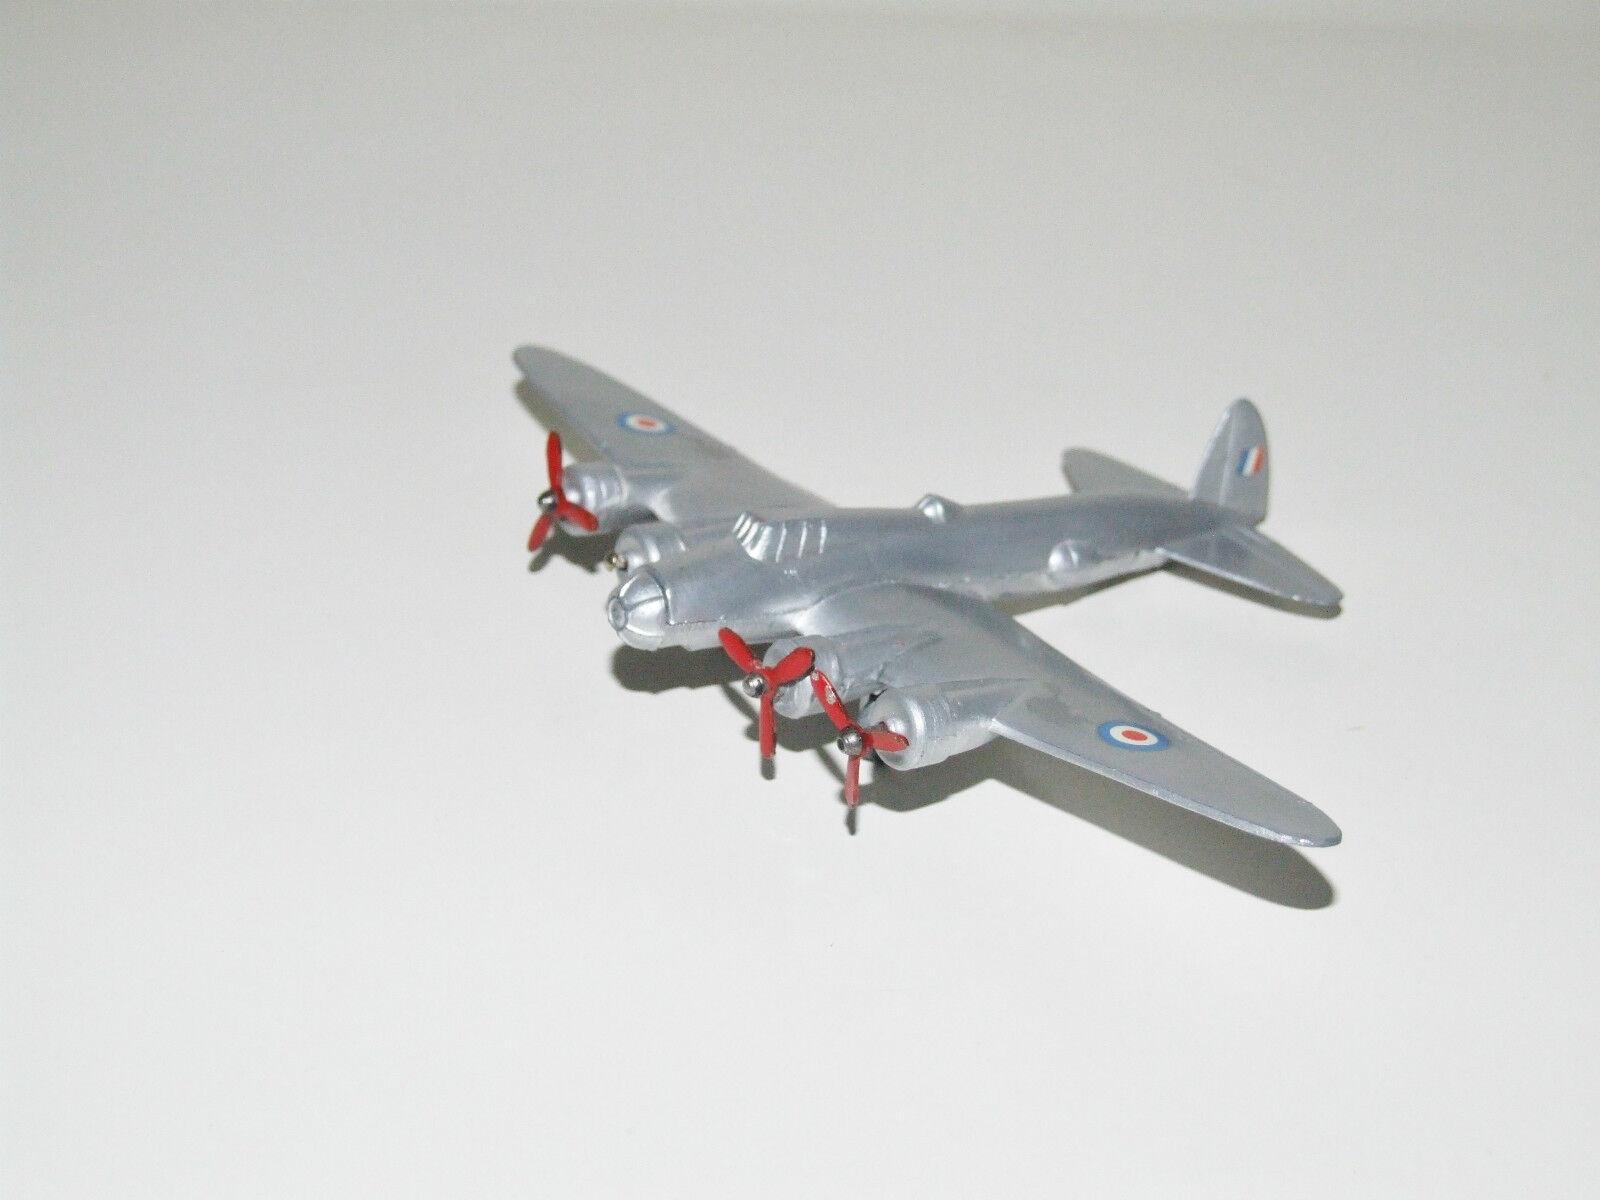 TEKNO 401 flyvende faestning (Flying Fortress)